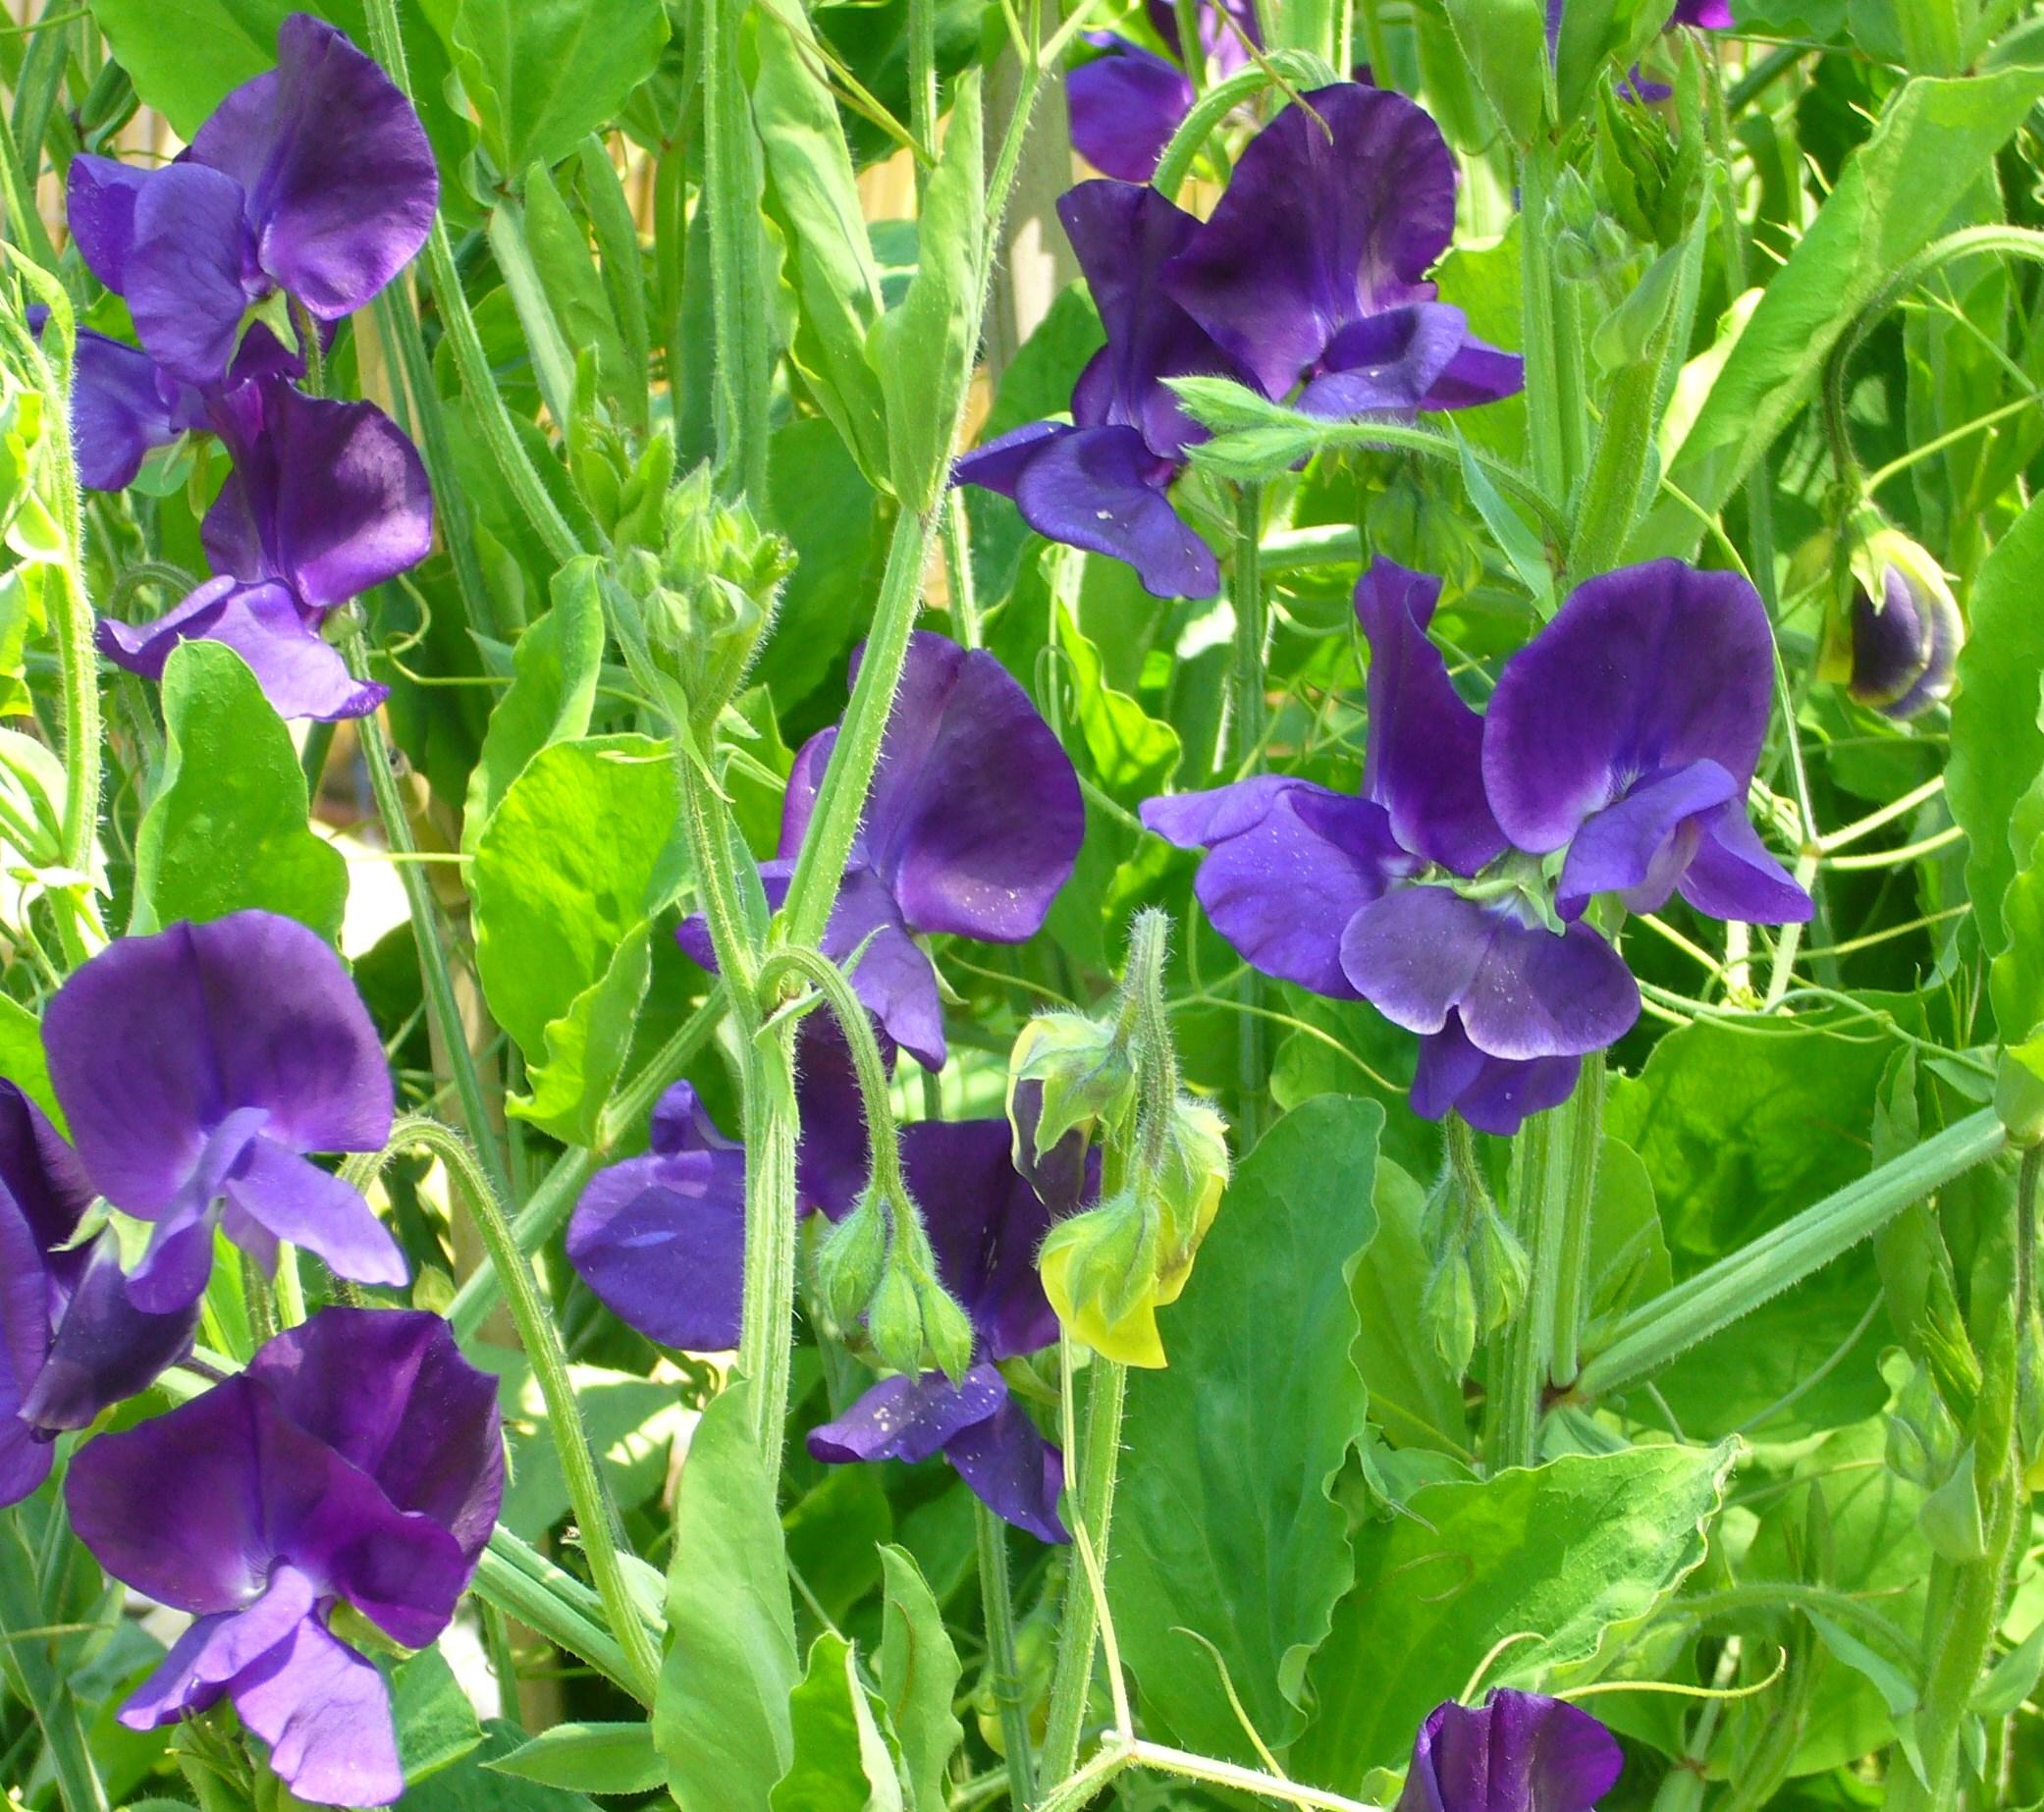 エンドウ豆の花